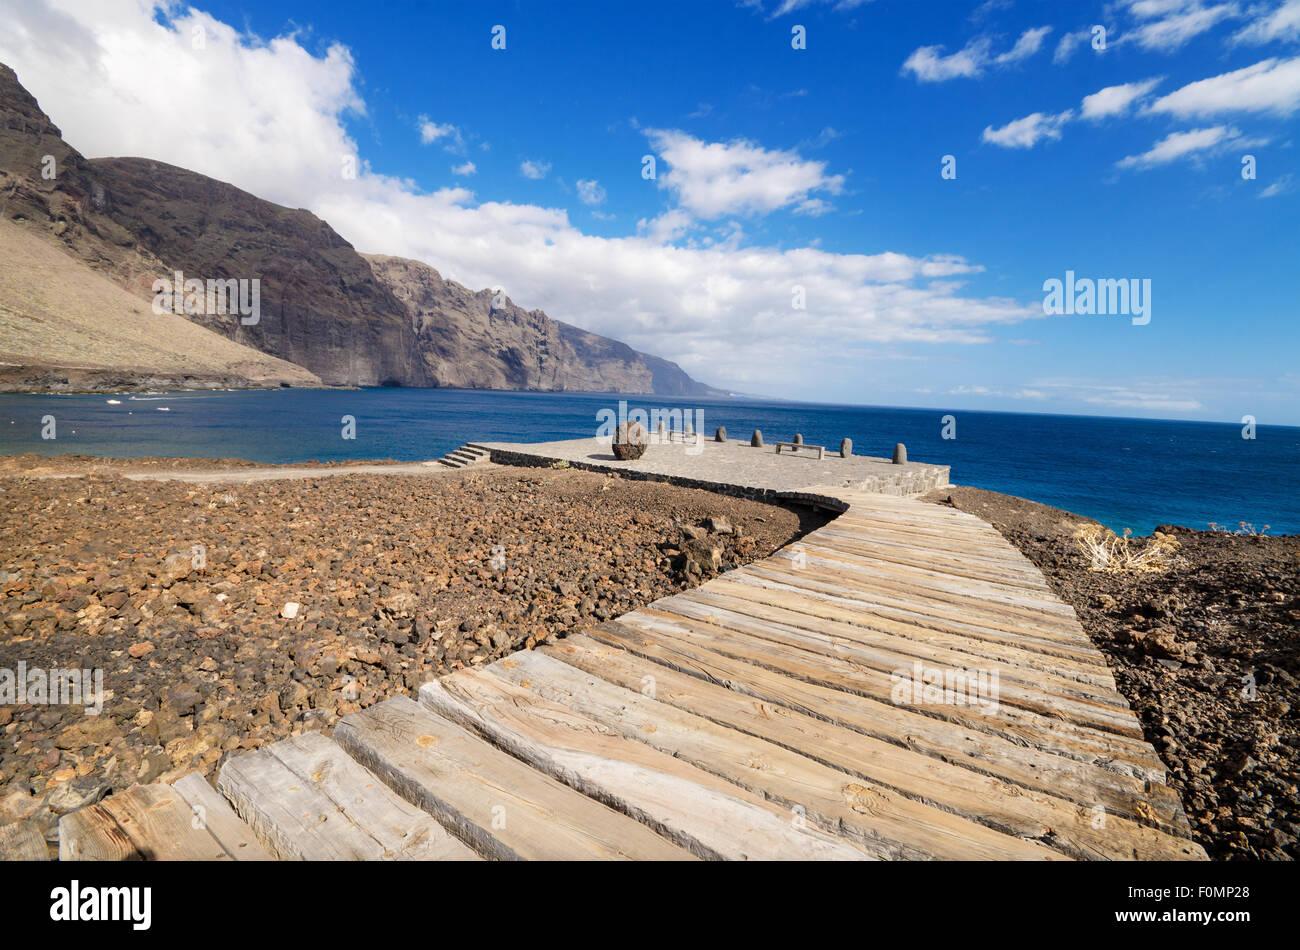 Holzweg Gehweg in Teno Küste, Teneriffa, Kanarische Insel, Spanien. Stockbild